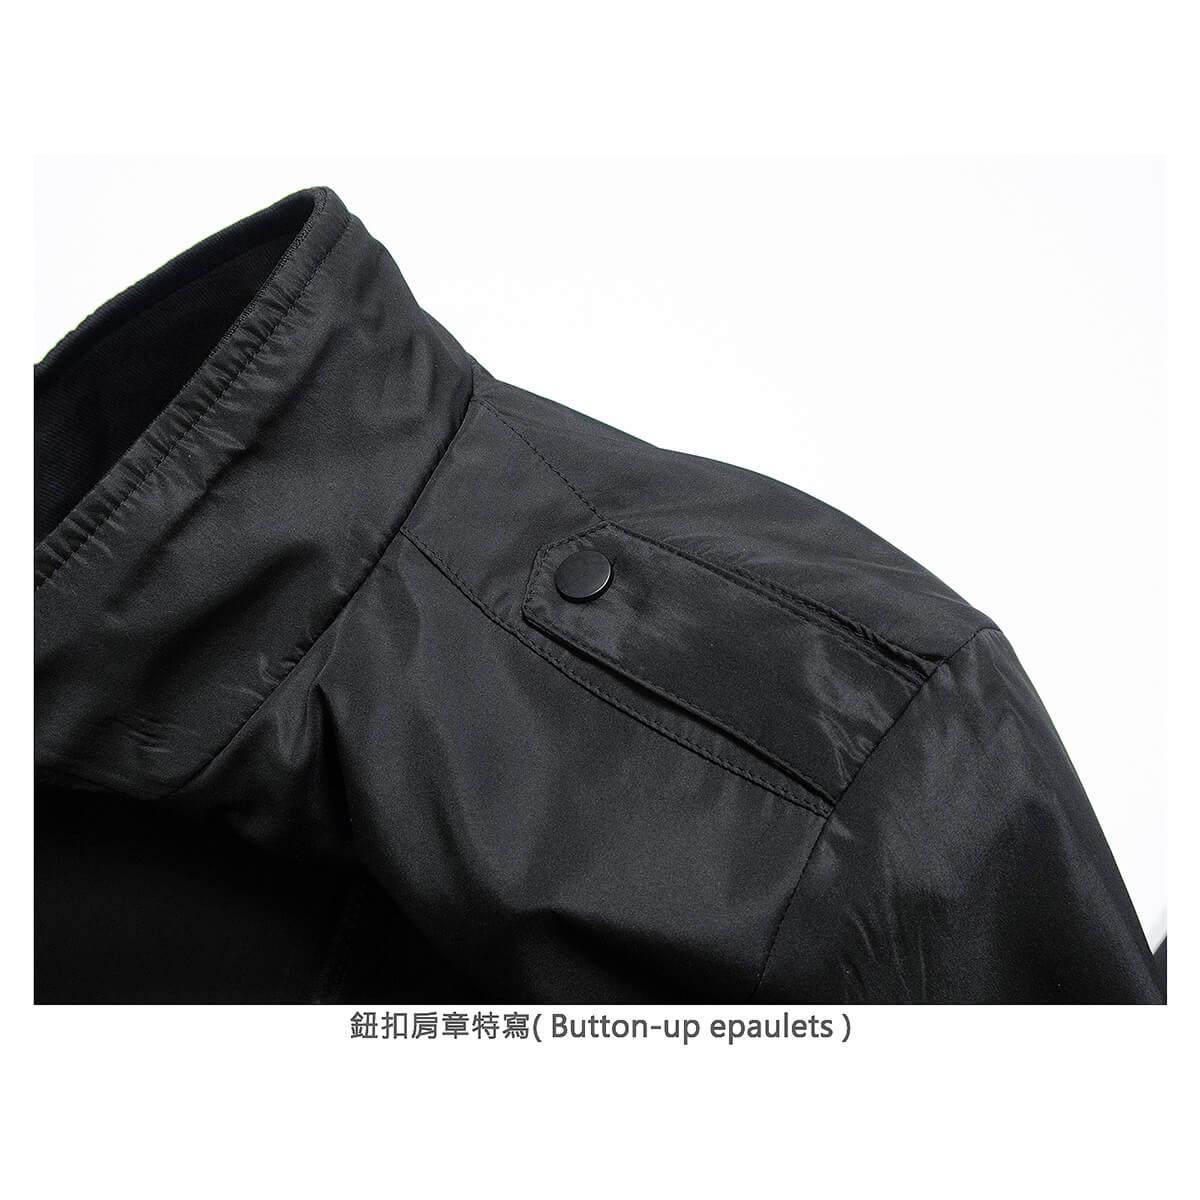 軍裝外套 修身夾克外套 立領素面外套 鈕扣肩章外套 格紋內裡薄外套 防風外套 潮流時尚休閒外套 風衣外套 黑色外套 Military Jacket Men's Jackets Windproof Jackets Button-up Epaulets (321-8025-01)咖啡色、(321-8025-02)藍綠色(321-8025-04)黑色  L XL 2L 3L 4L (胸圍109~124公分  43~49英吋) 男 [實體店面保障] sun-e 8